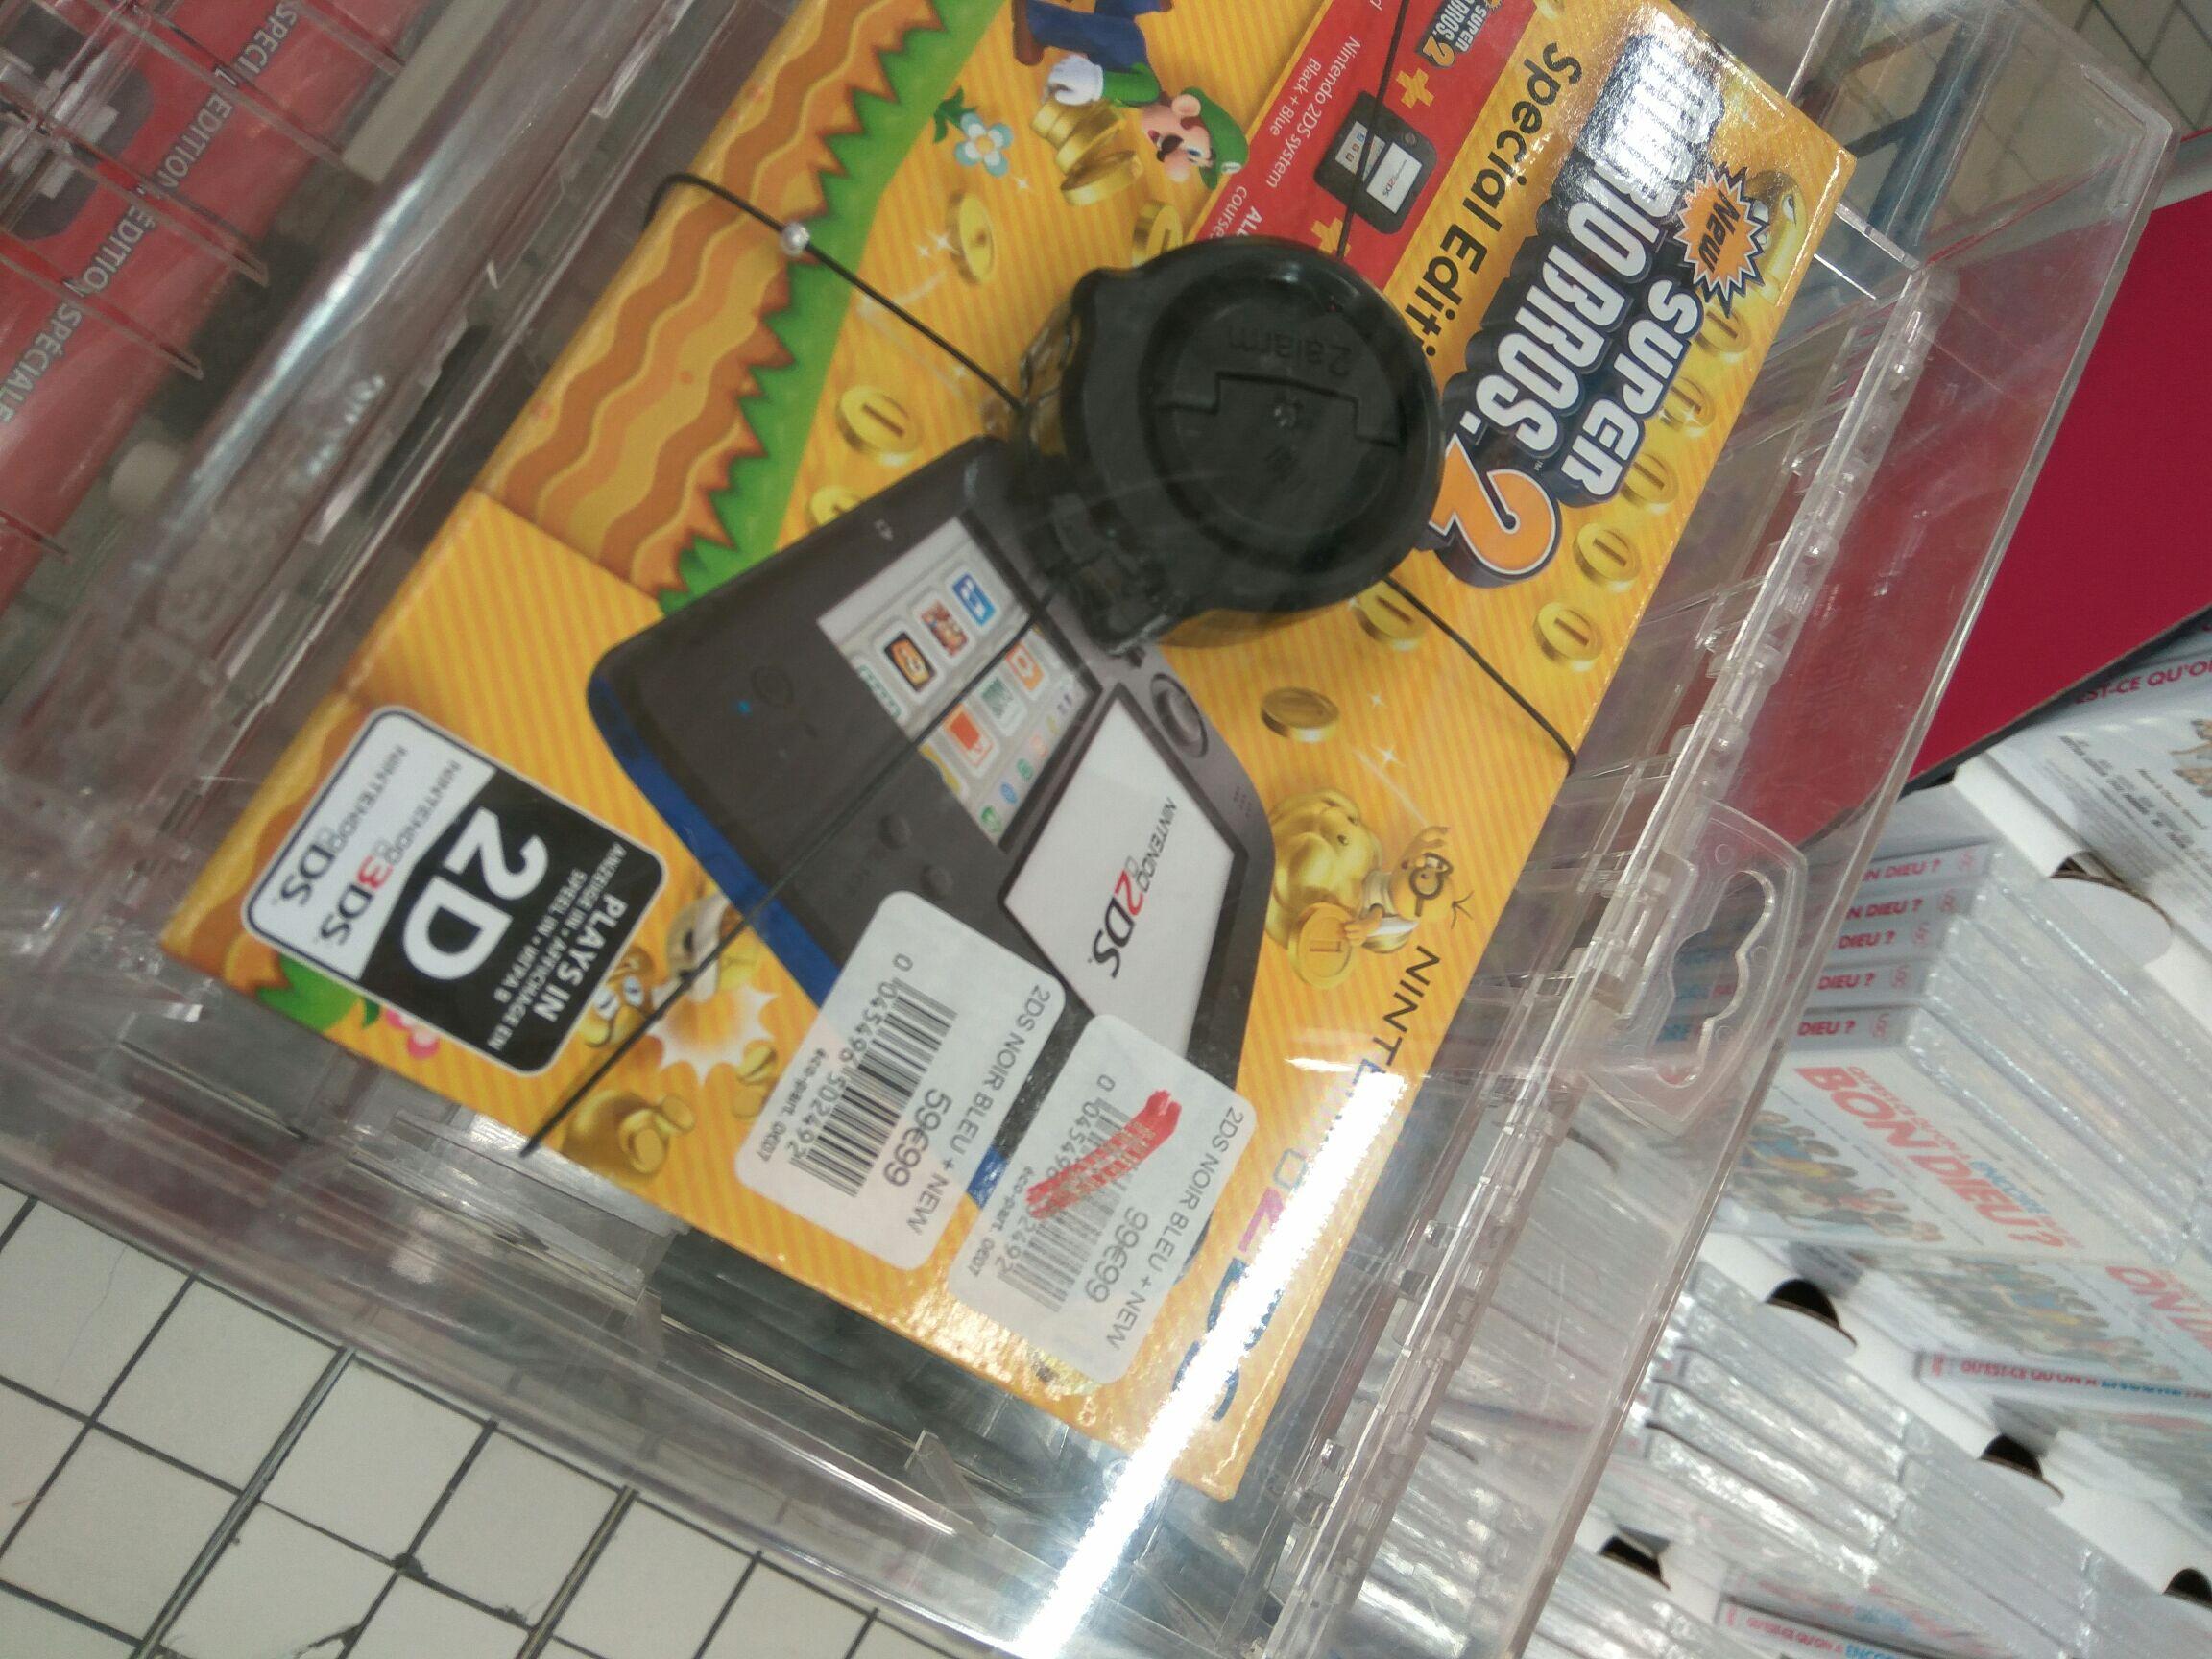 Console Nintendo 2DS + Super Mario Bros 2 - Cora Vendenheim (67)